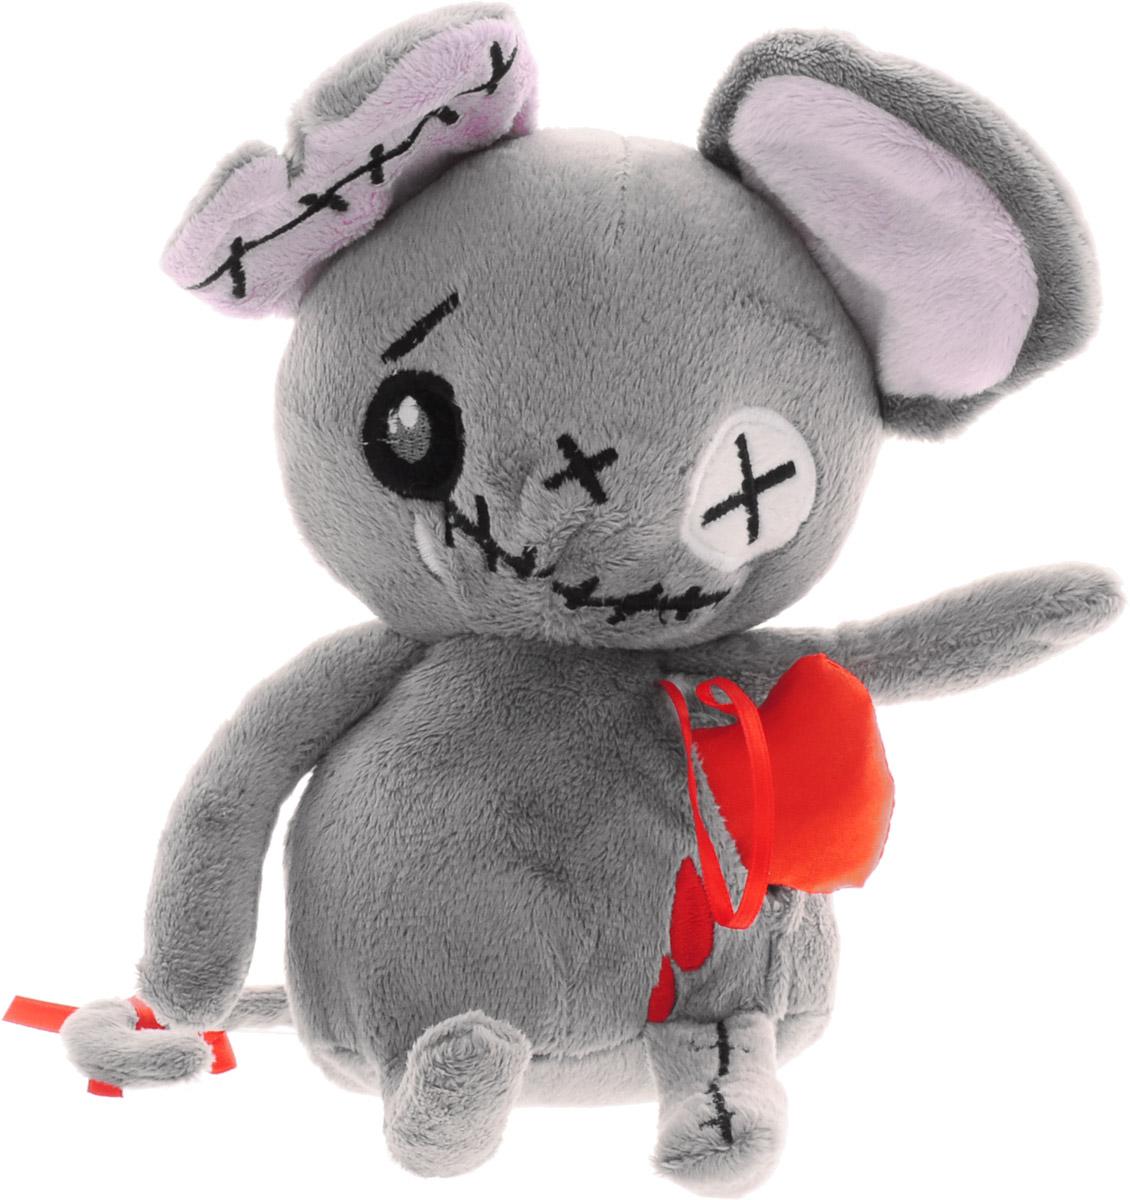 Мягкая игрушка Magic Bear Toys Мышь живое сердце, 20 см